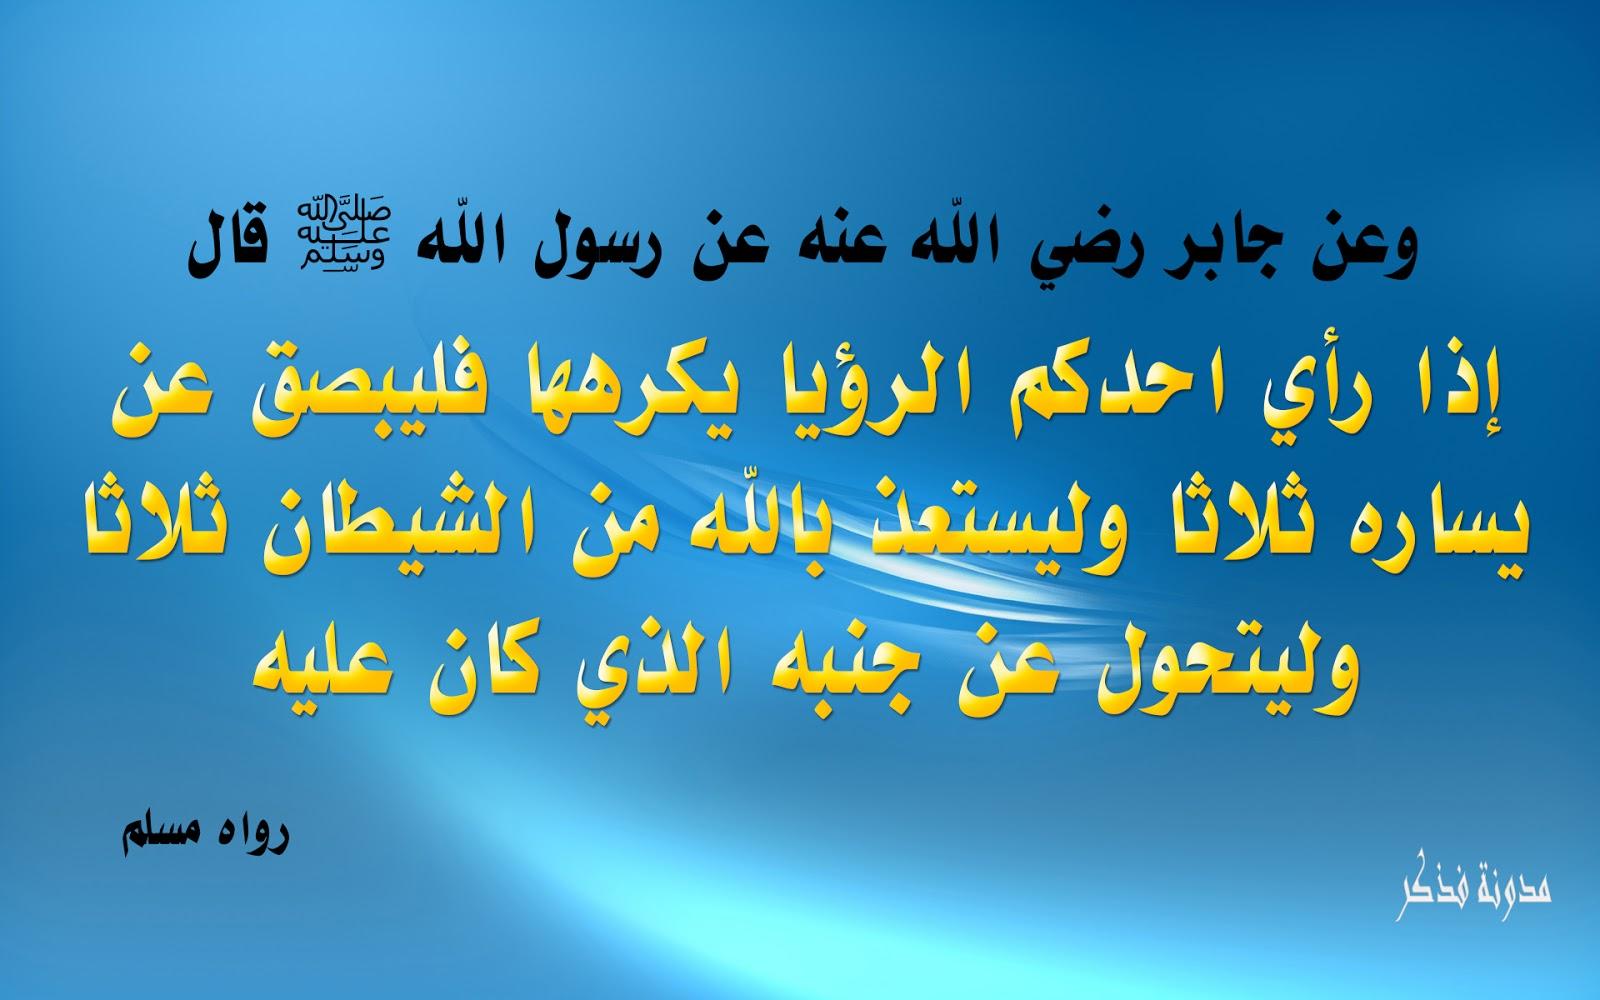 ba5564e6c آداب الرؤى والأحلام *الرؤيا الصالحة من الله، والحلم المكروه من الشيطان: -  منتدى فتكات